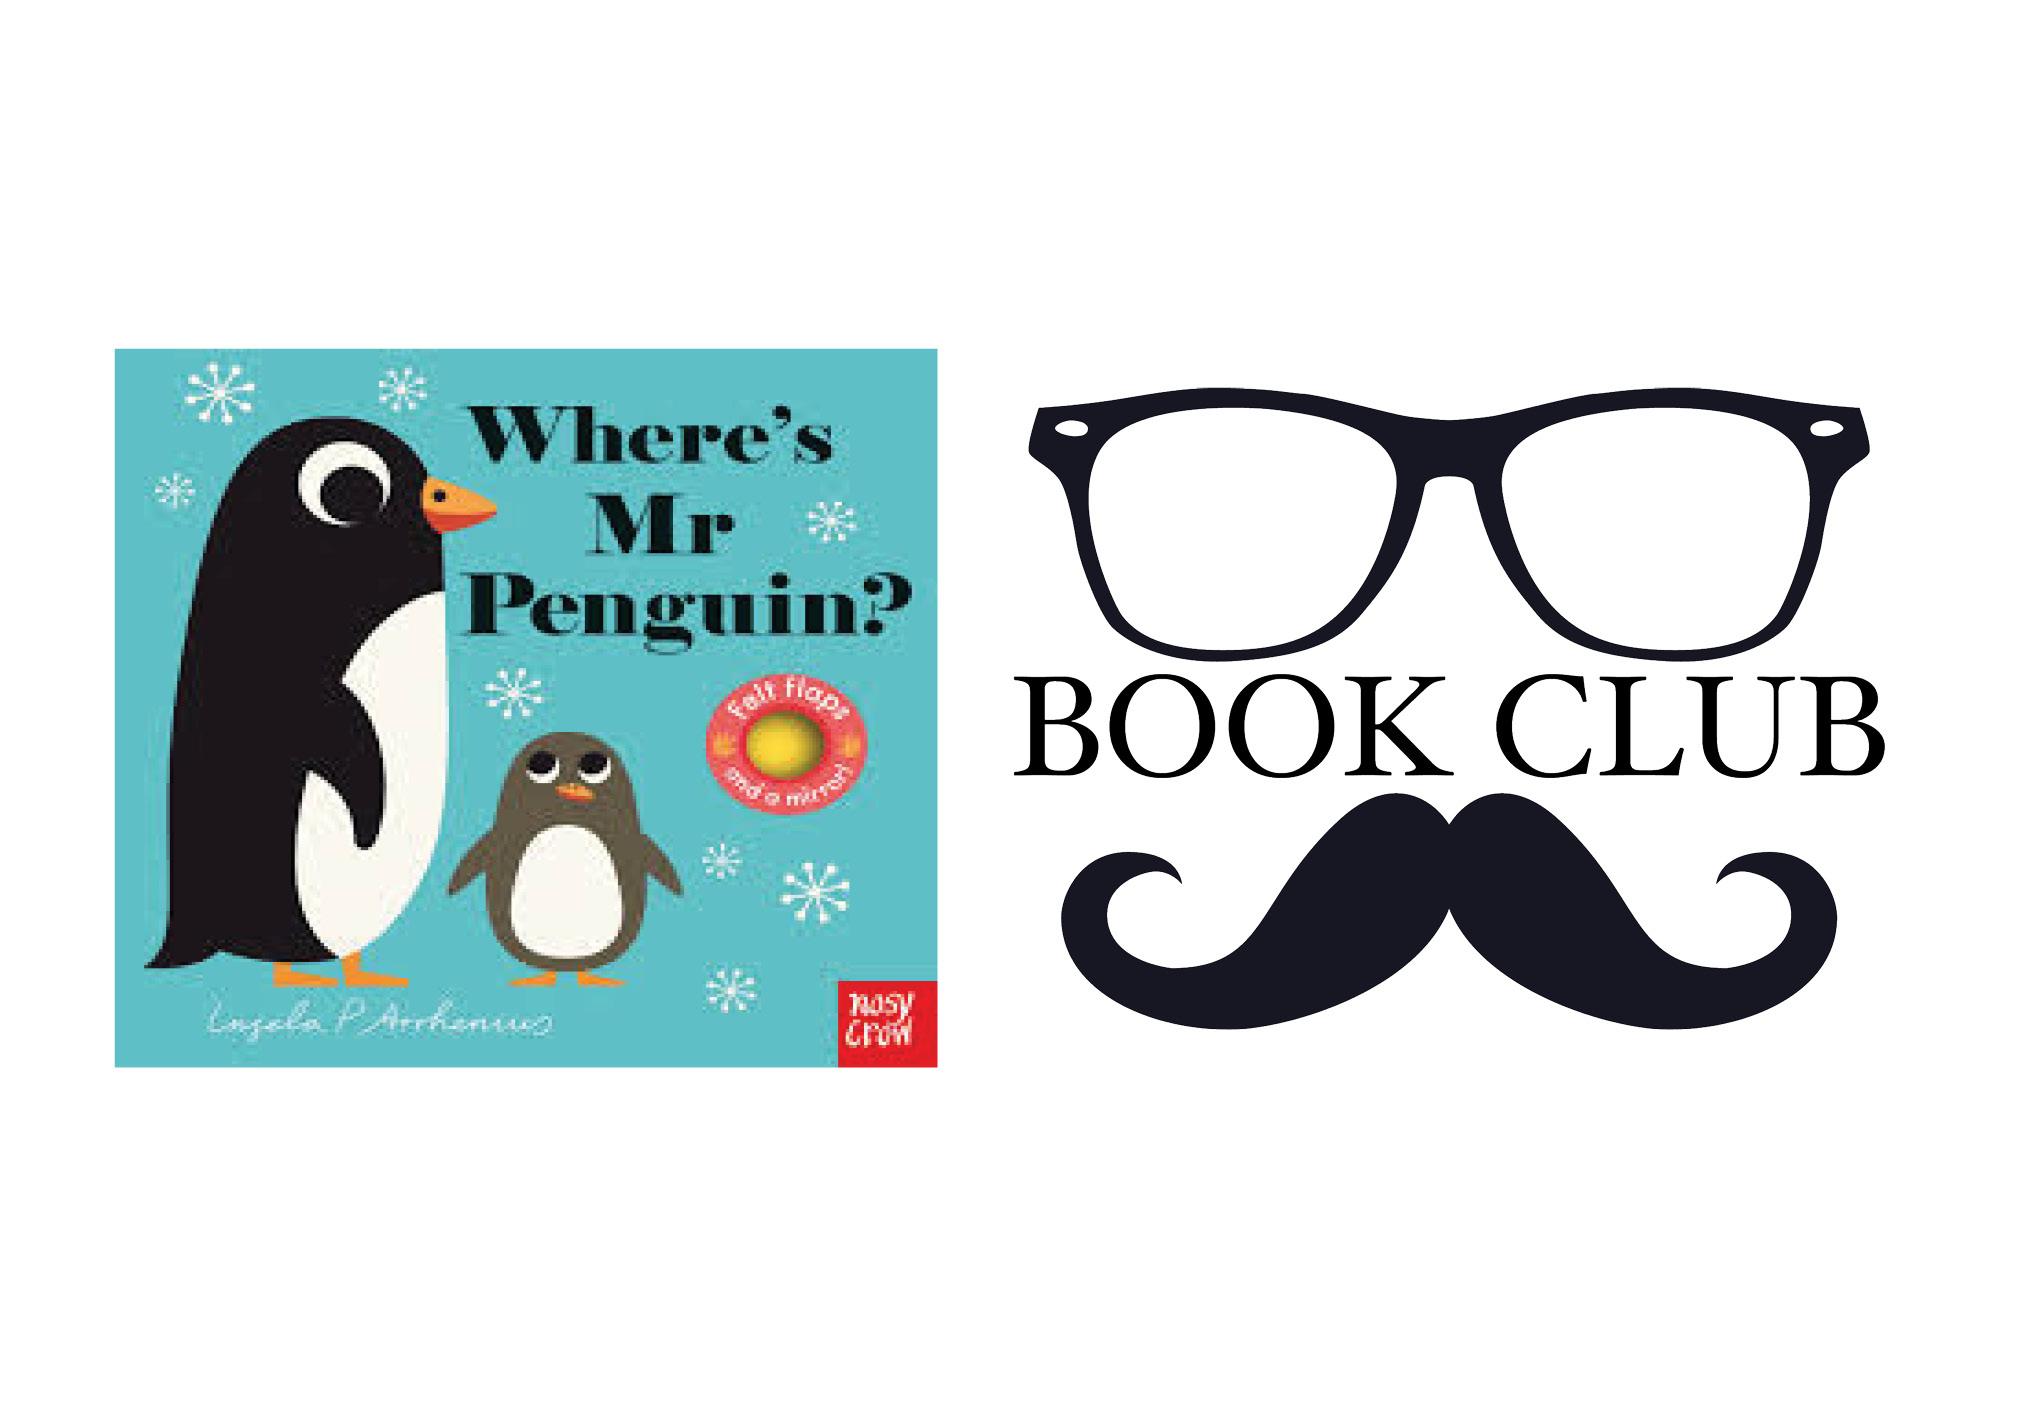 WHERE'S MR UNICORN? WHERE'S MR PENGUIN? Illustrated by Ingela P. Arrhenius